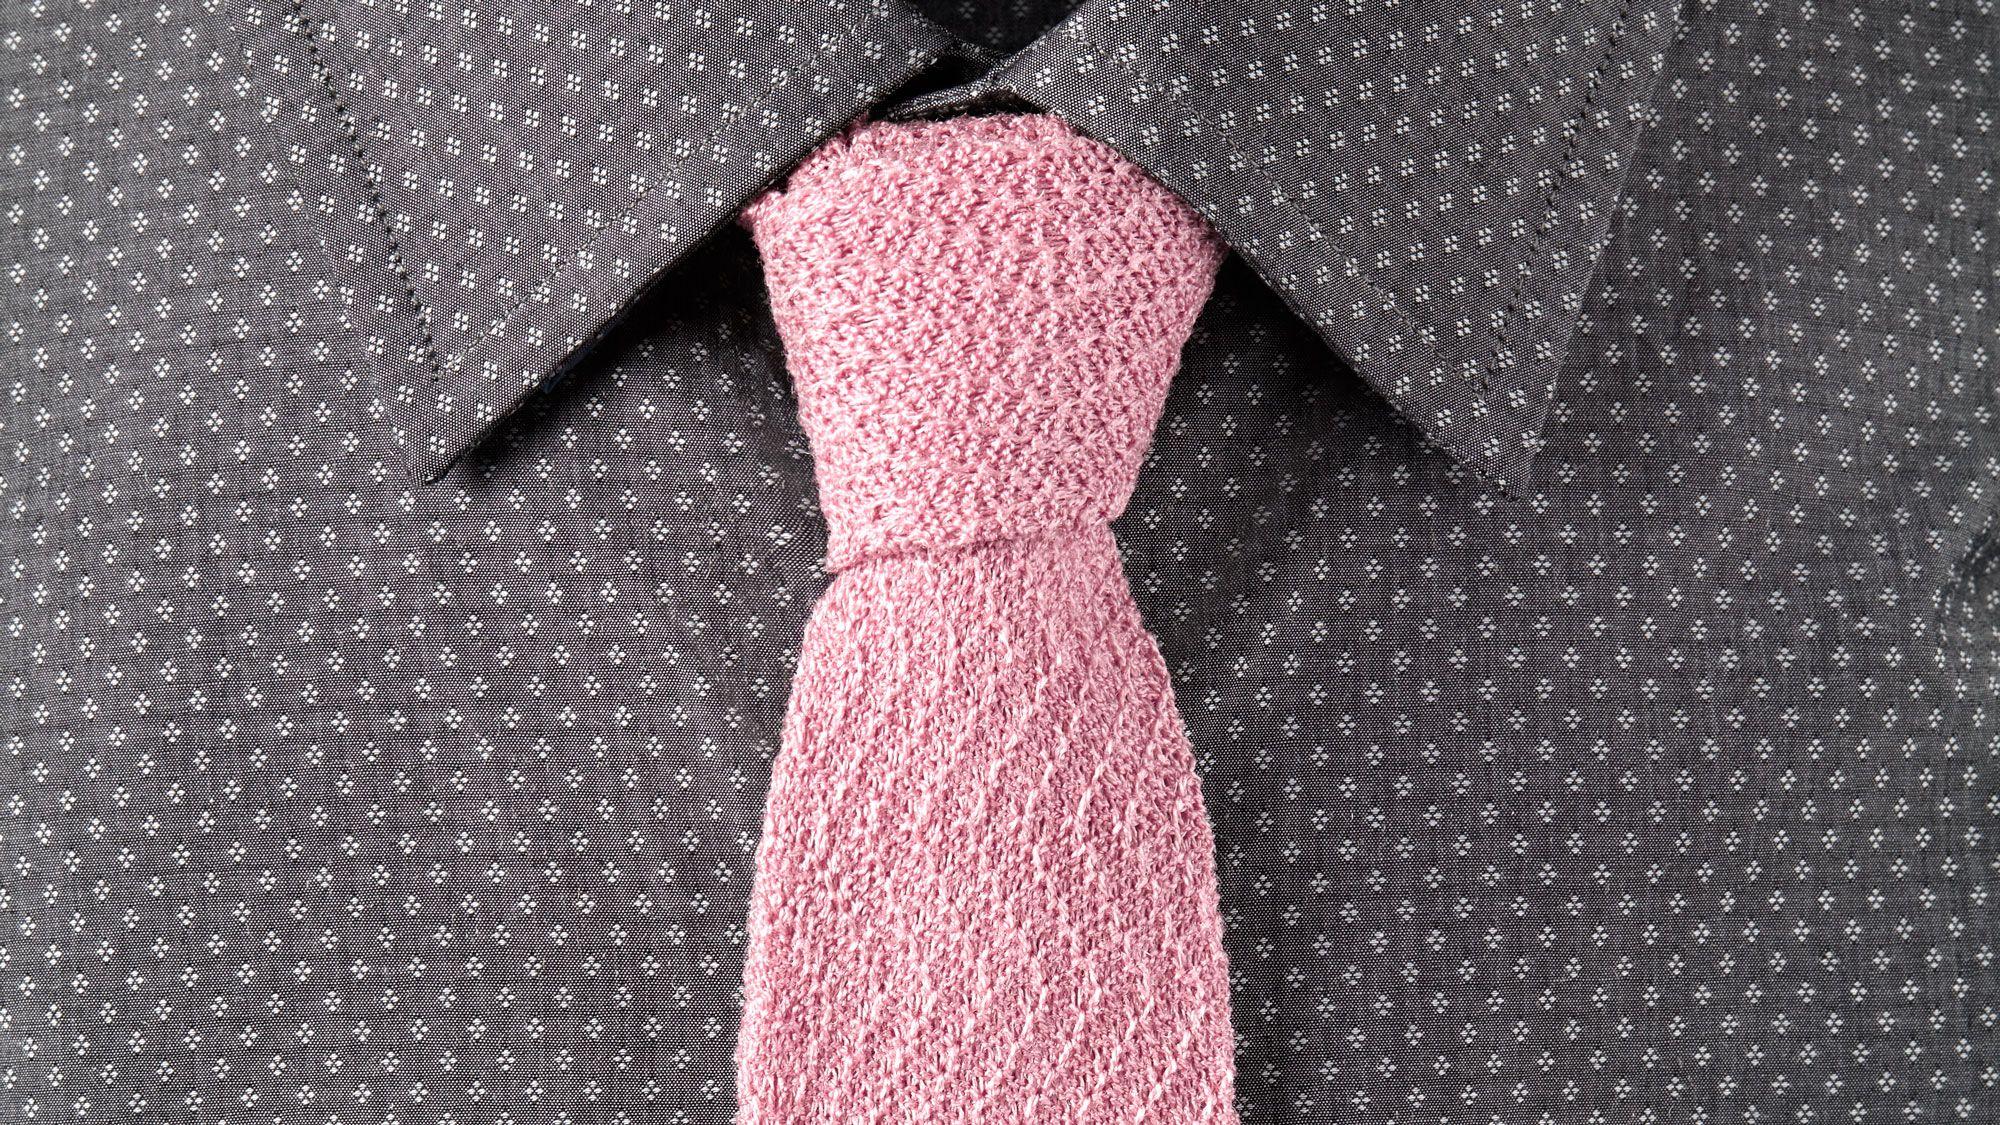 合成したクモの糸でネクタイを作った? だから何?